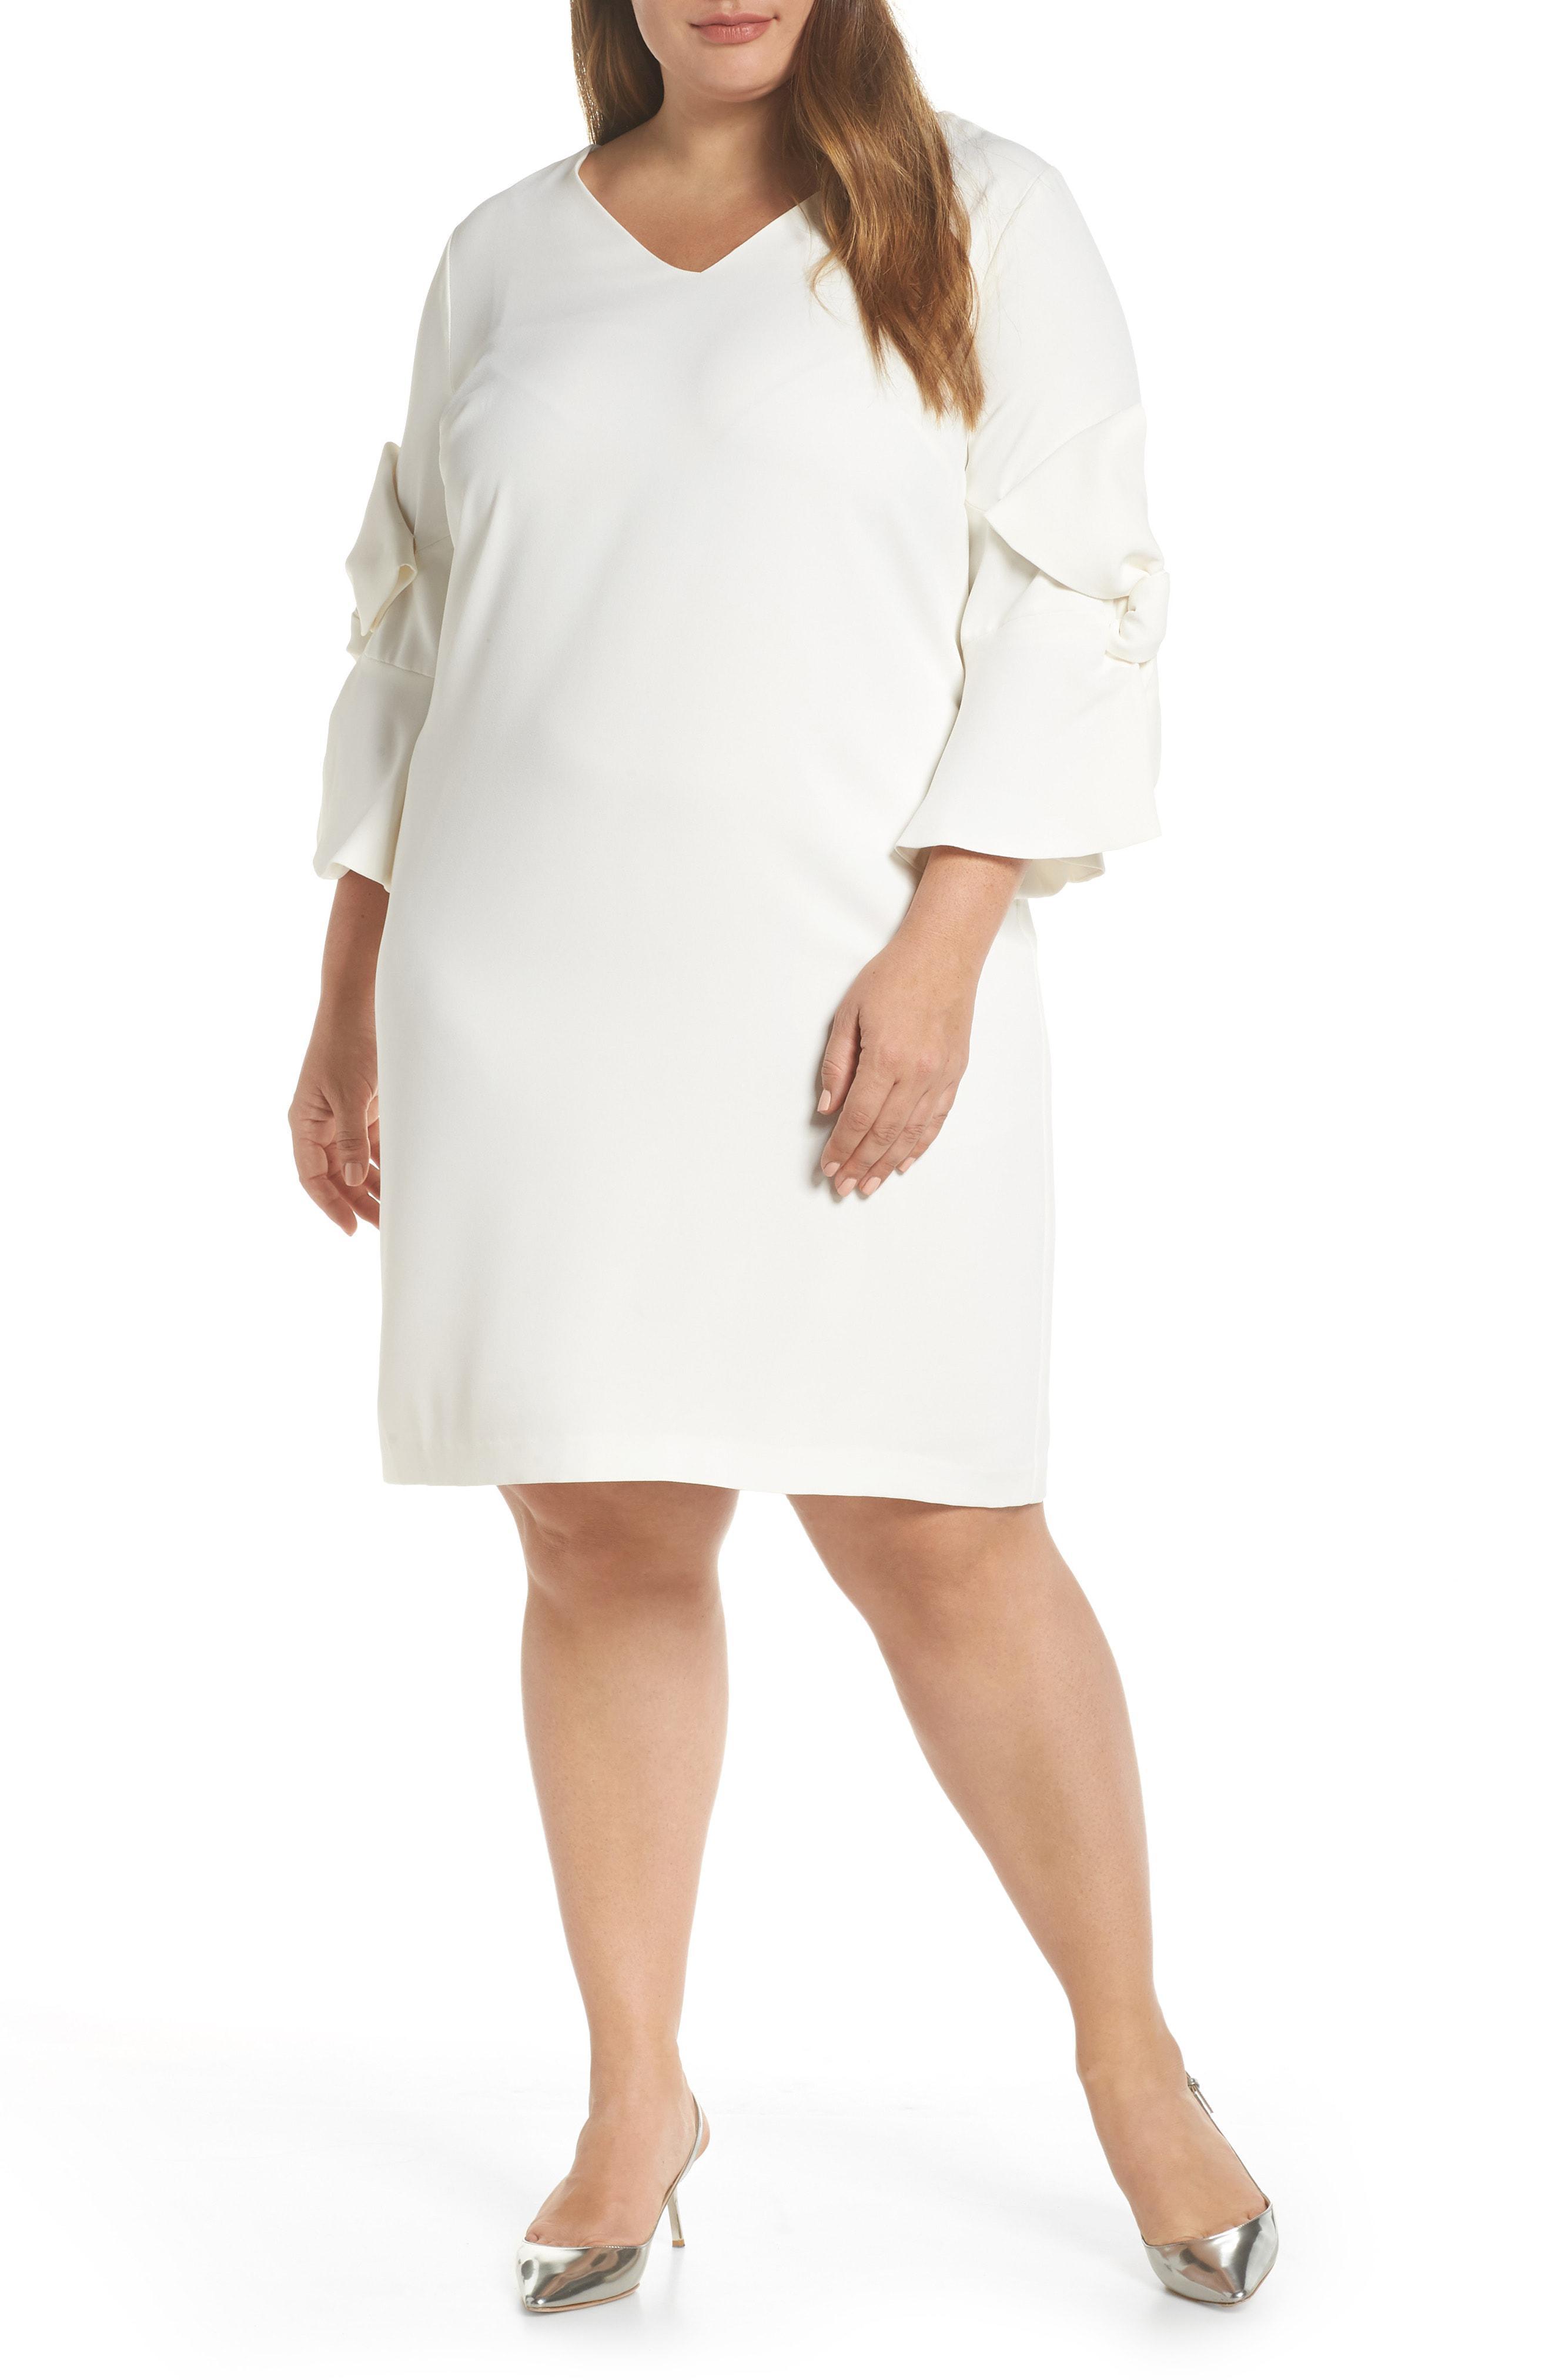 b679e88e79b35 Cece Moss Crepe Bow Shift Dress in White - Lyst